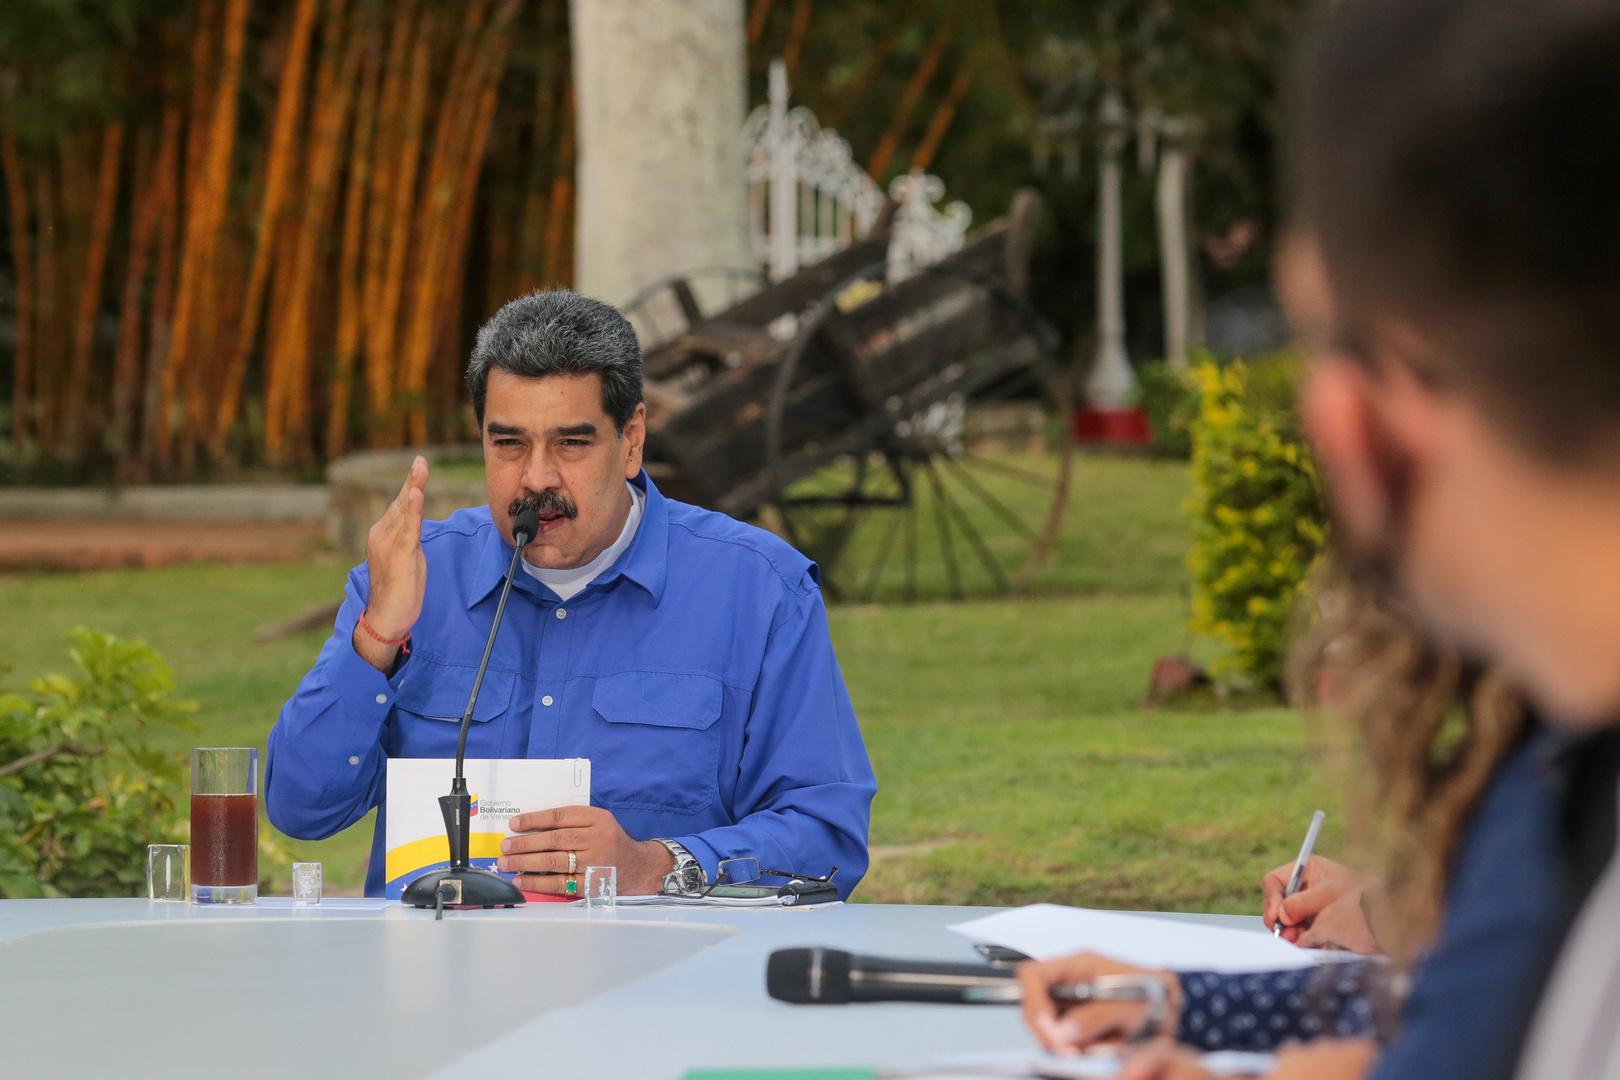 مادورو لمواطنيه: هذه هي الهدية التي أنتظرها في عيد ميلادي